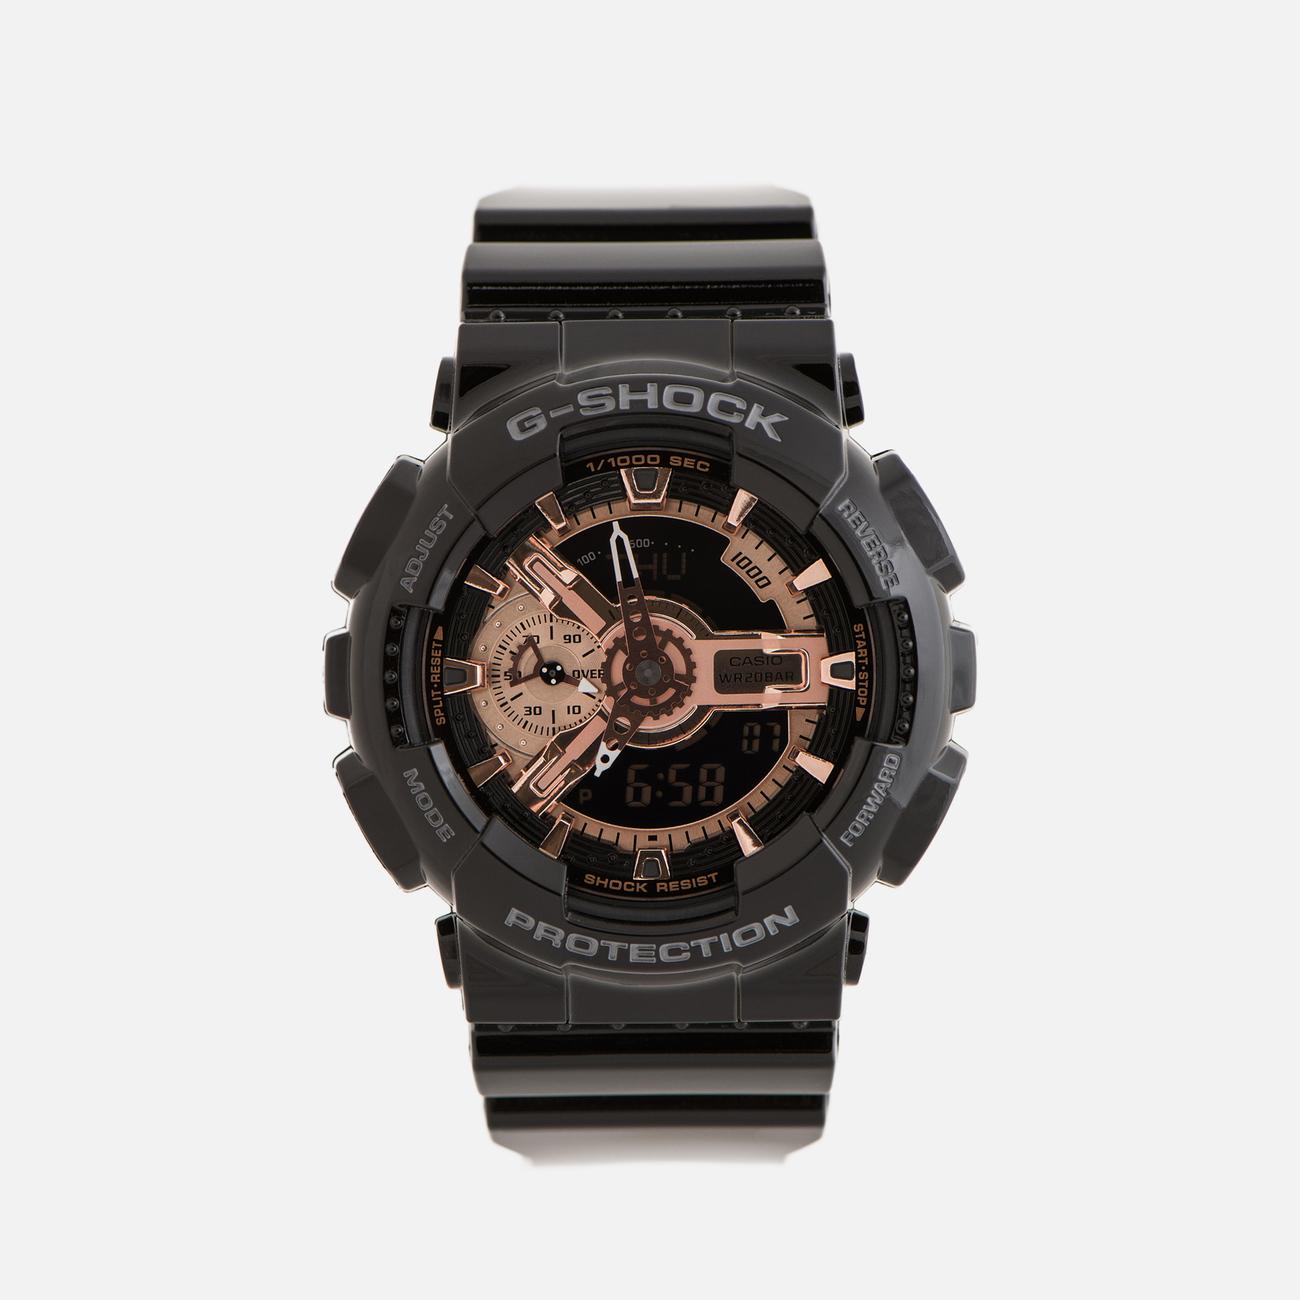 Наручные часы CASIO G-SHOCK GA-110MMC-1AER Black/Gold